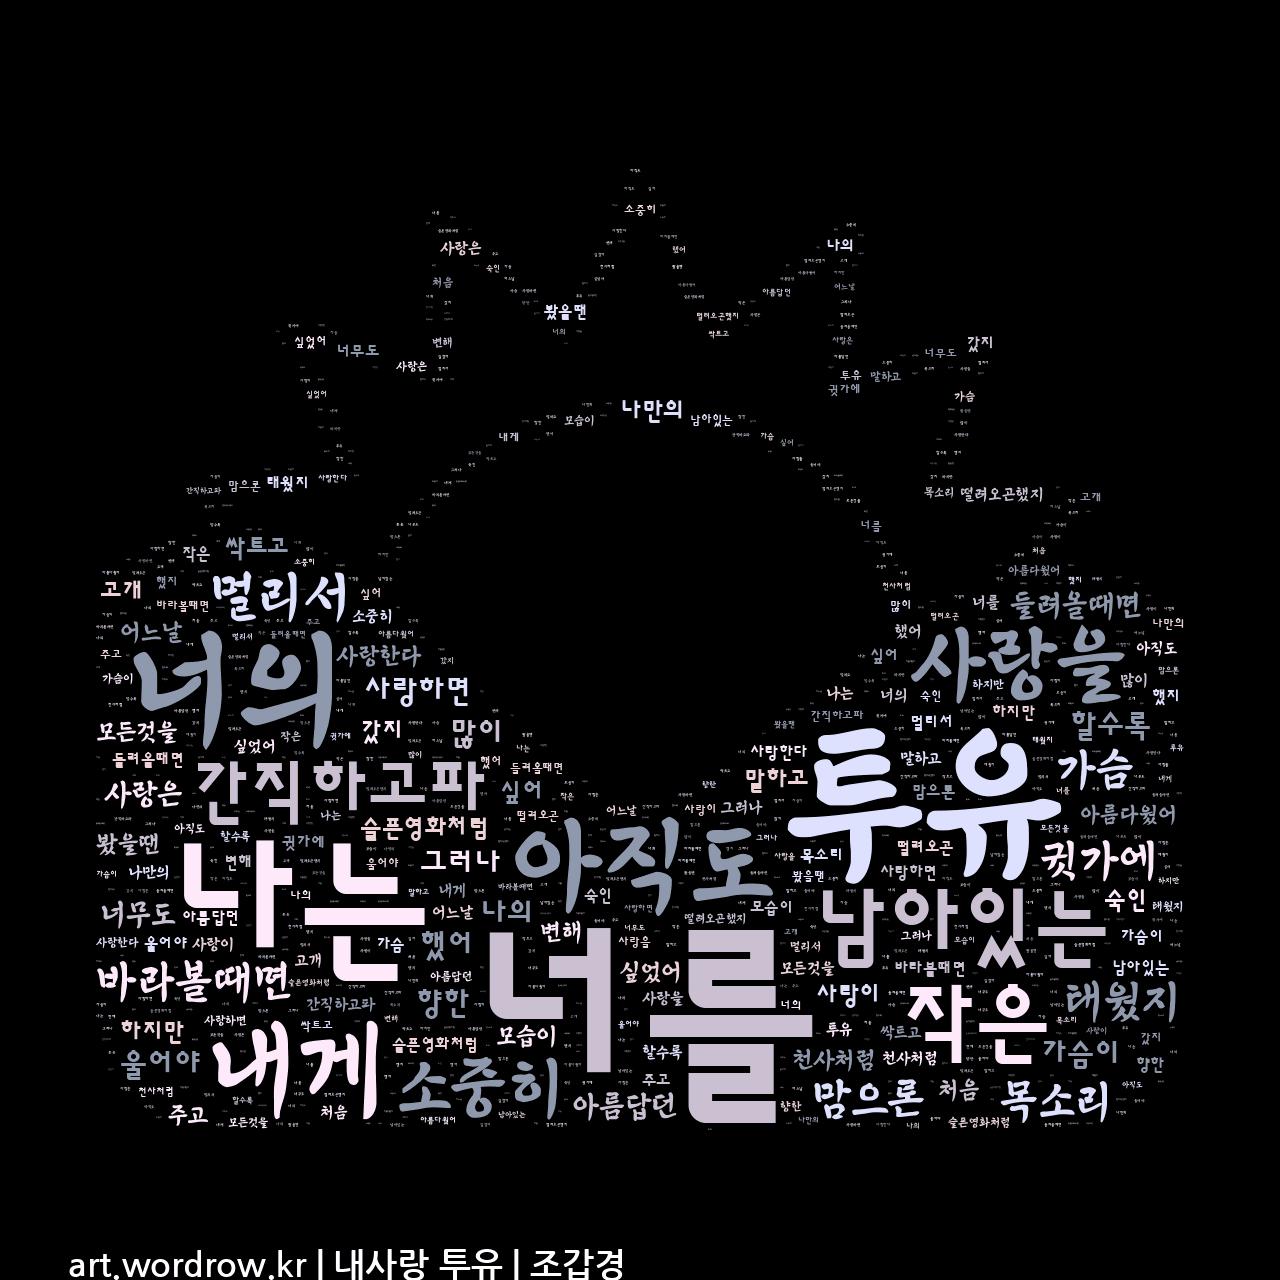 워드 클라우드: 내사랑 투유 [조갑경]-9